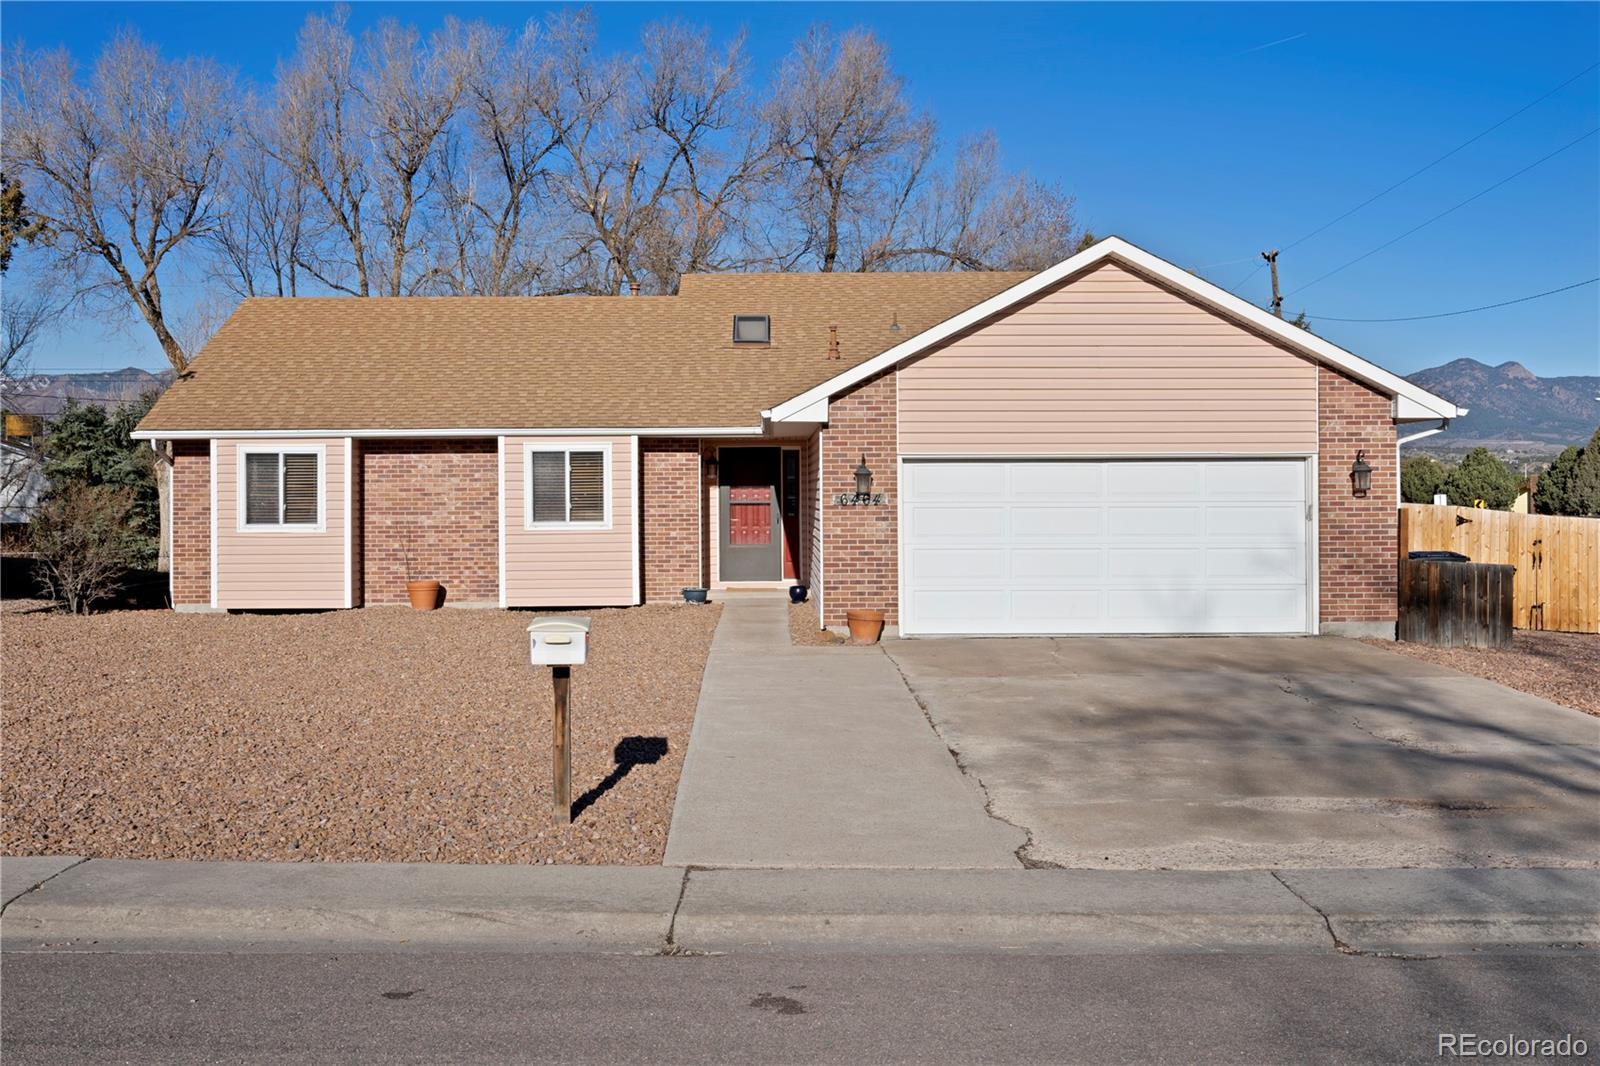 MLS# 1721256 - 1 - 6464 Wicklow Circle, Colorado Springs, CO 80918